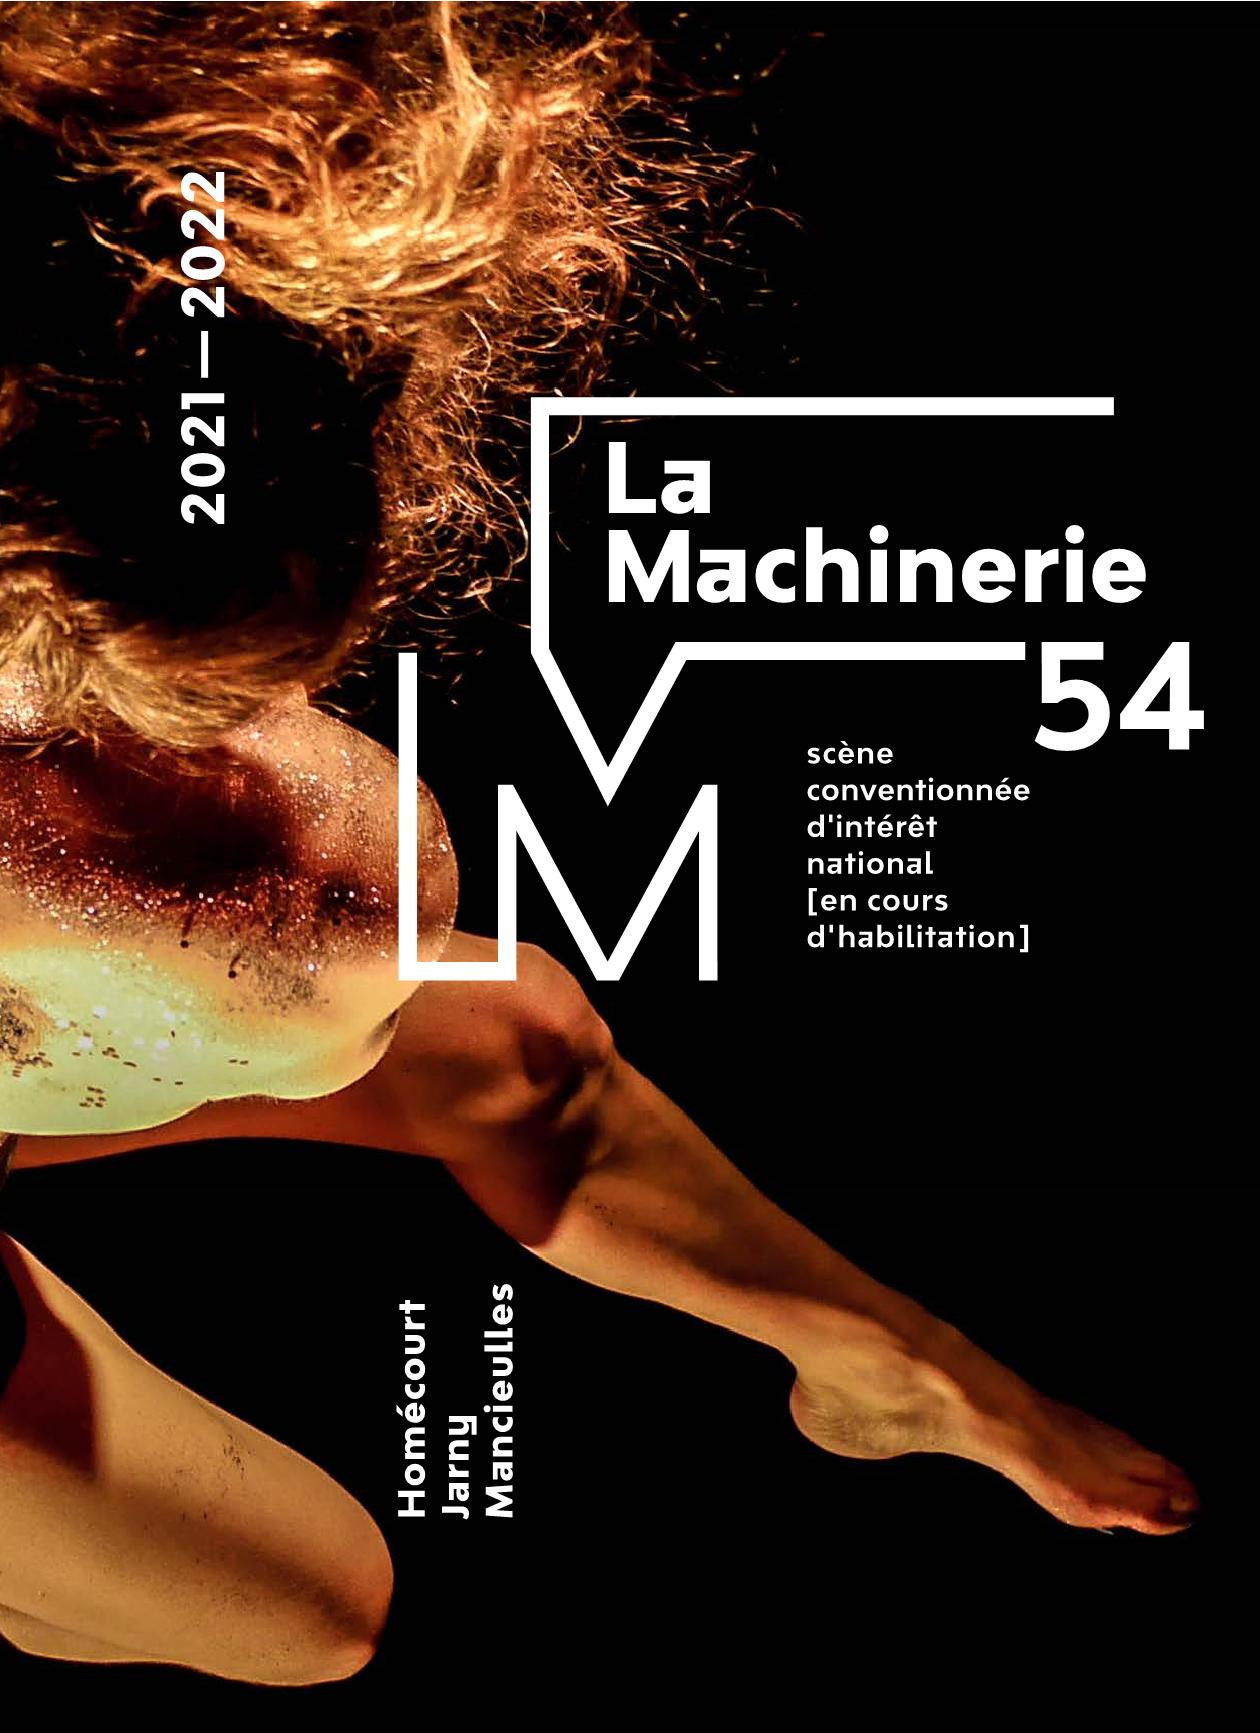 La Machinerie 54 Saison 2021-2022 spectacles pluridisciplinaires et contemporains, rencontres, expositions, résidences...